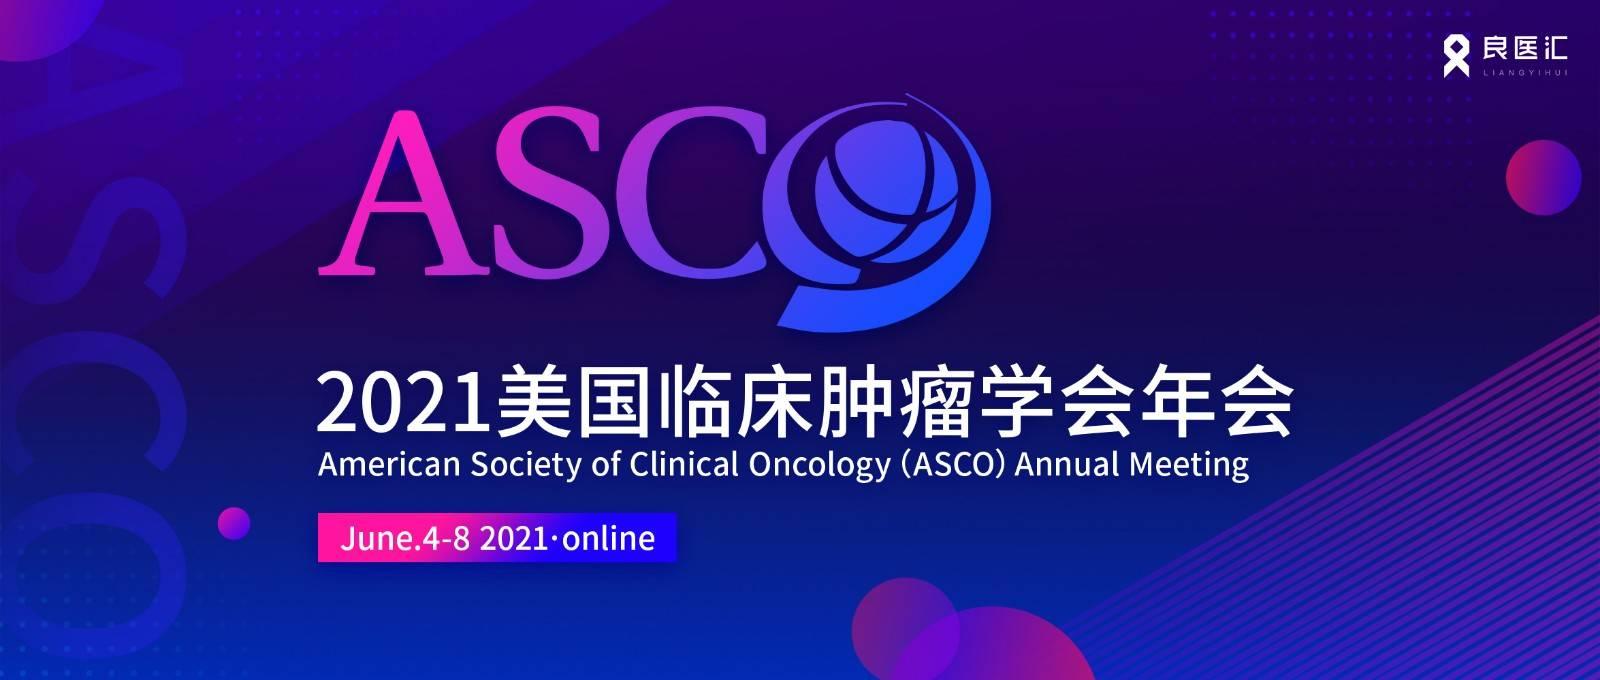 16-9 2021 ASCO.jpg